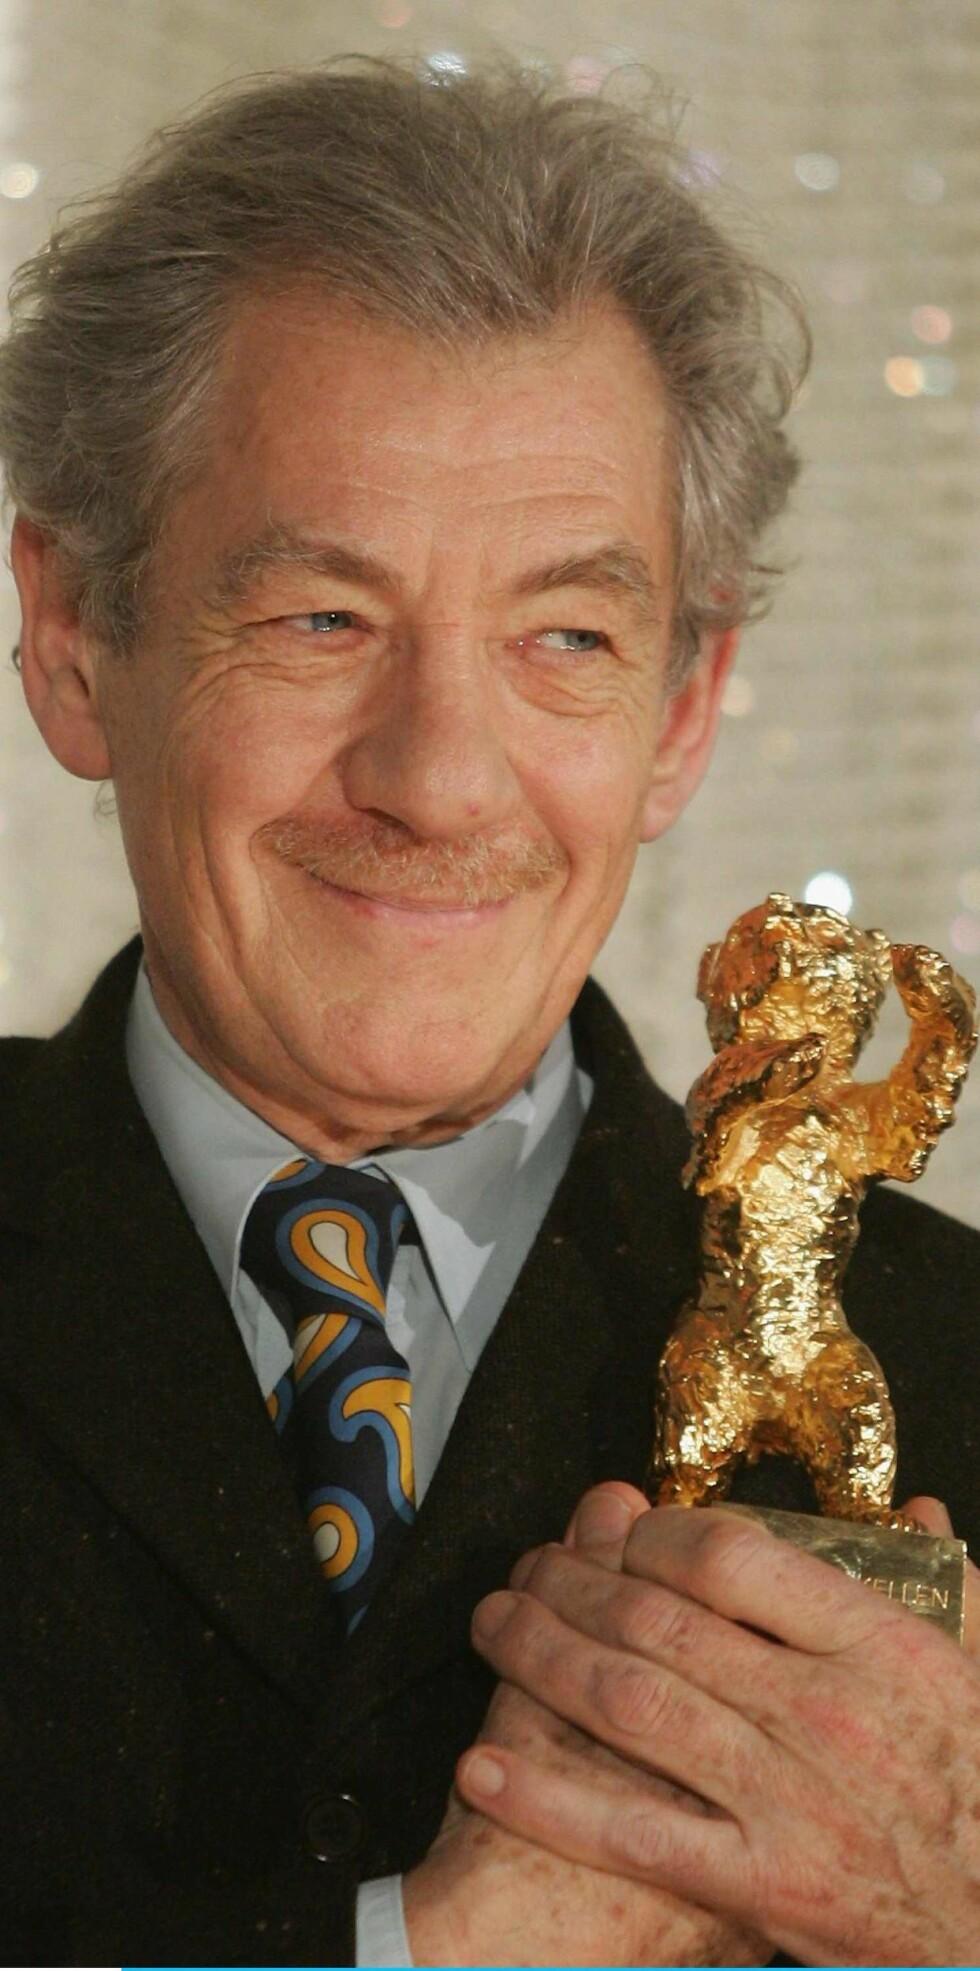 Sir Ian McKellen var svært fornøyd med å bli tildelt Gullbjørnen, men er mindre fornøyd med Hollywoods holdning til homofile.